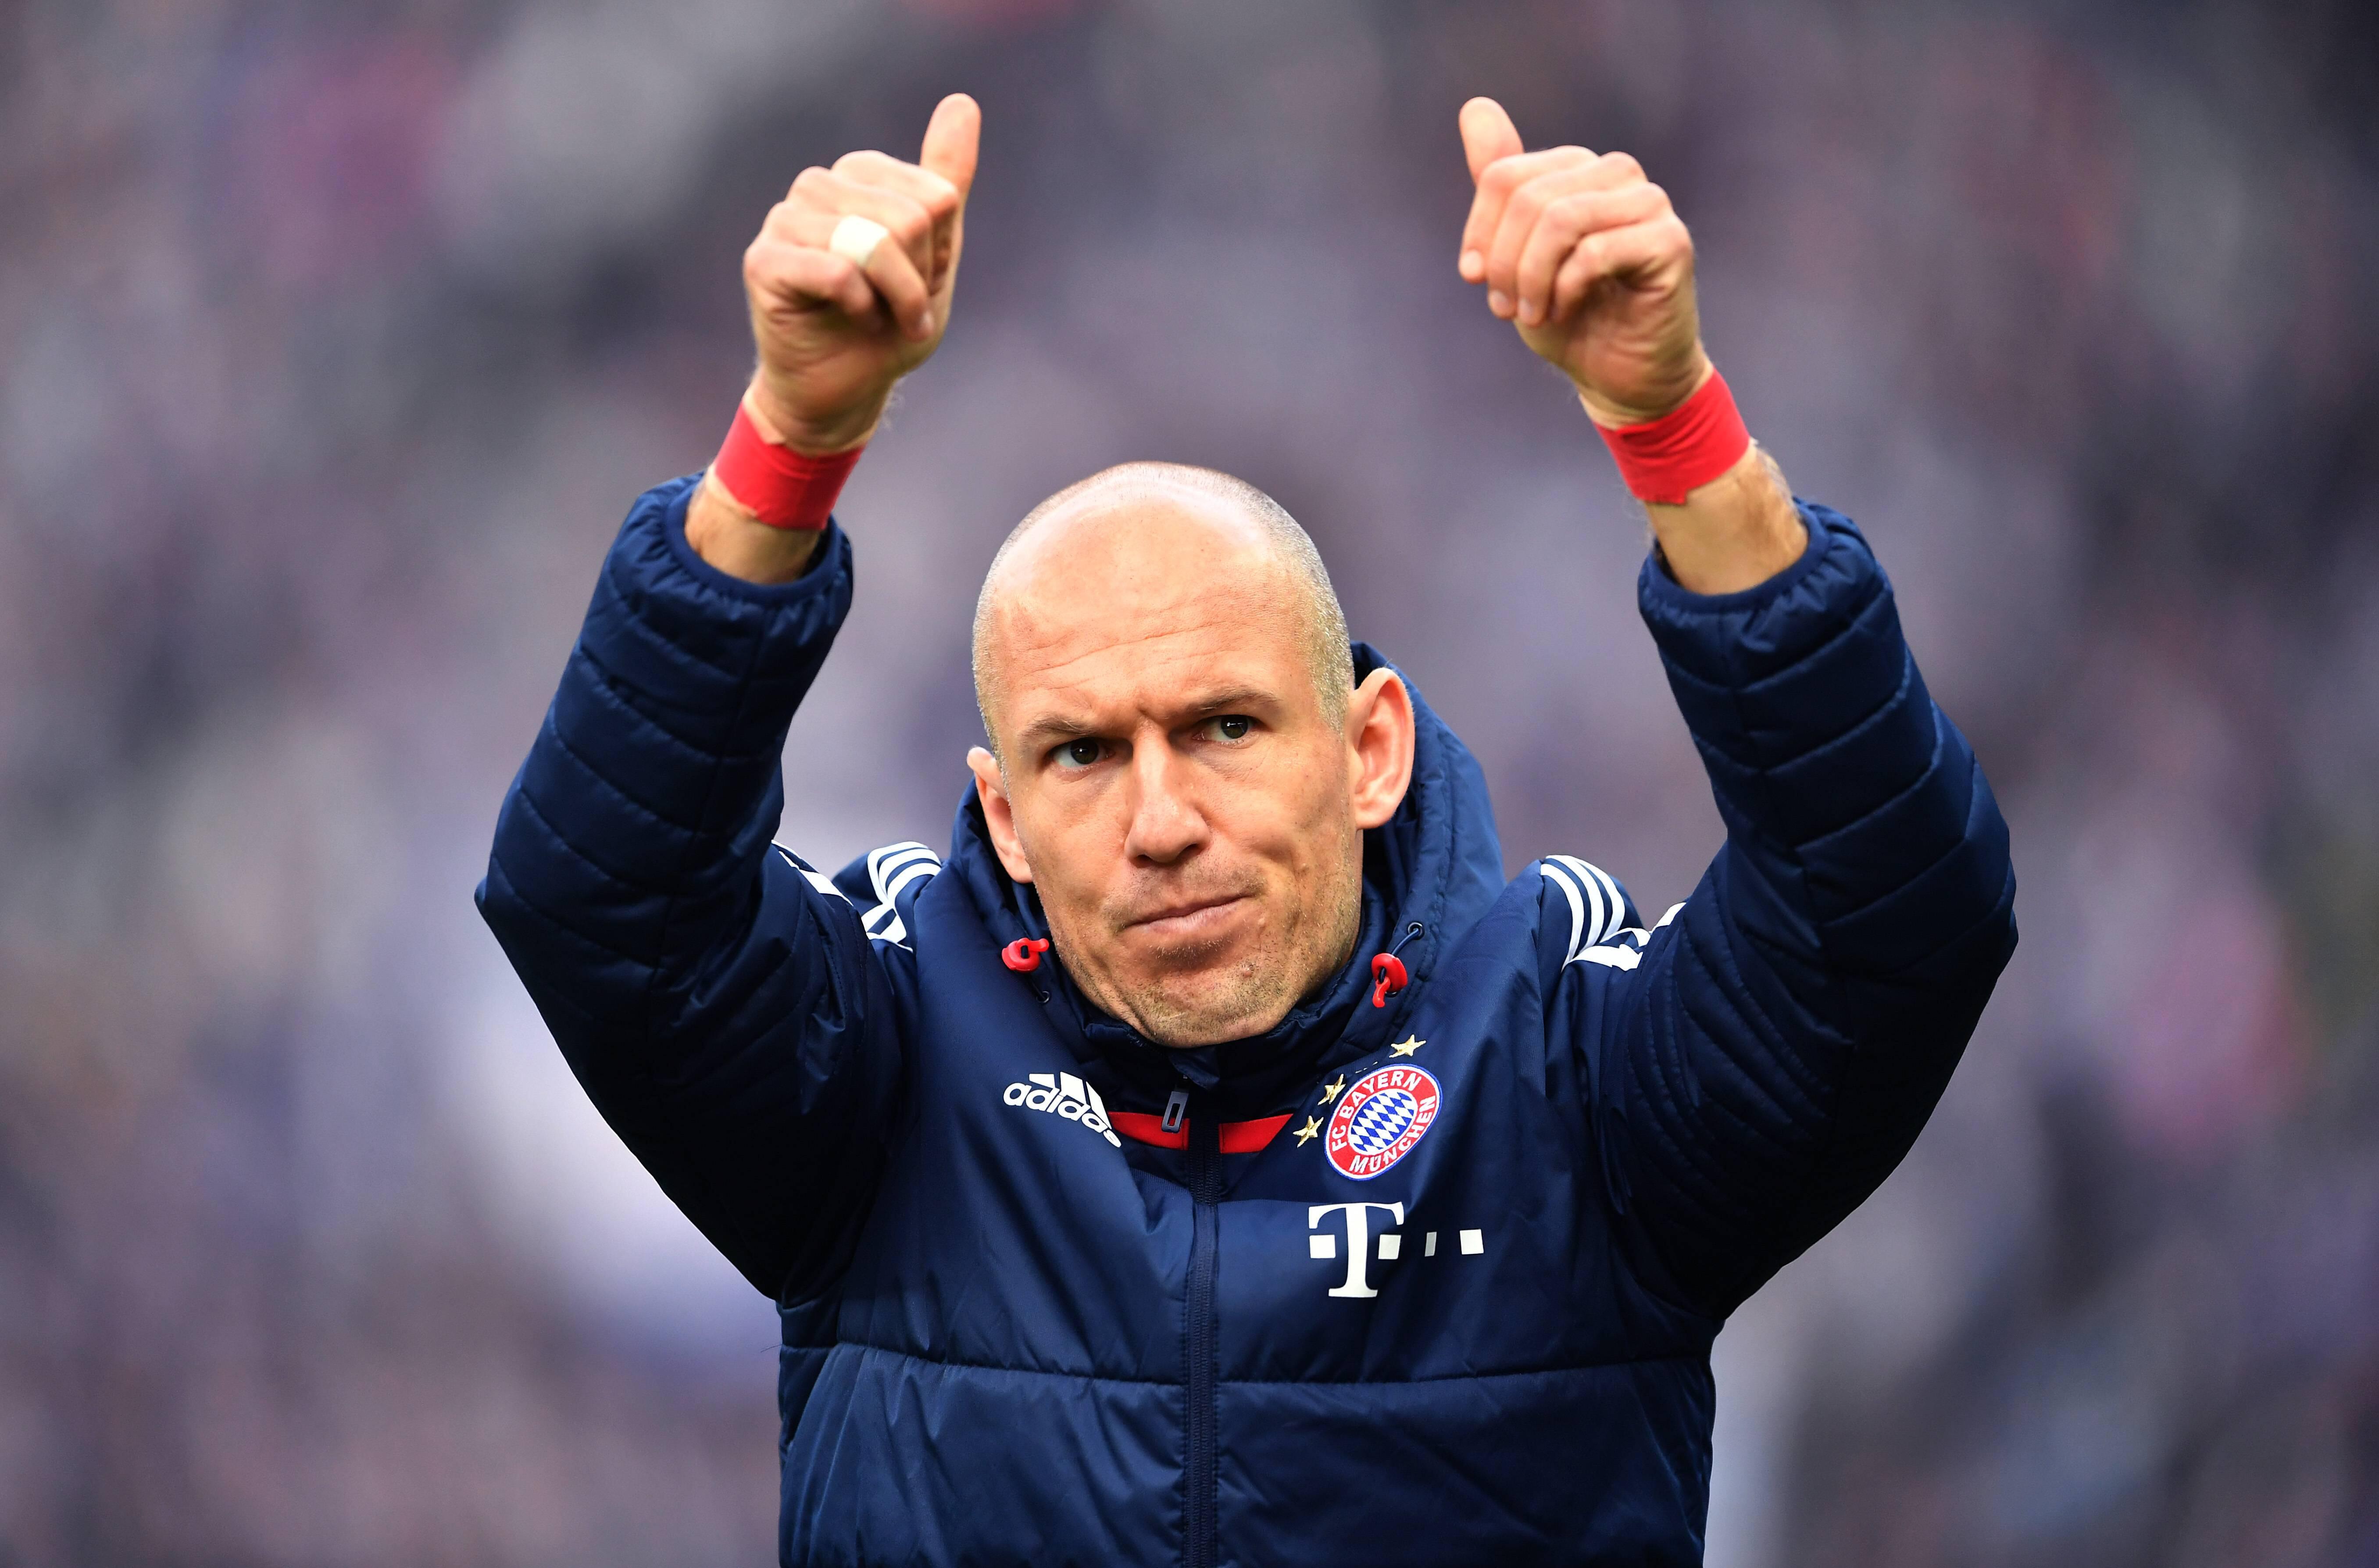 Bild zu Jupp Heynckes, FC Bayern München, Thomas Müller, James Rodriguez